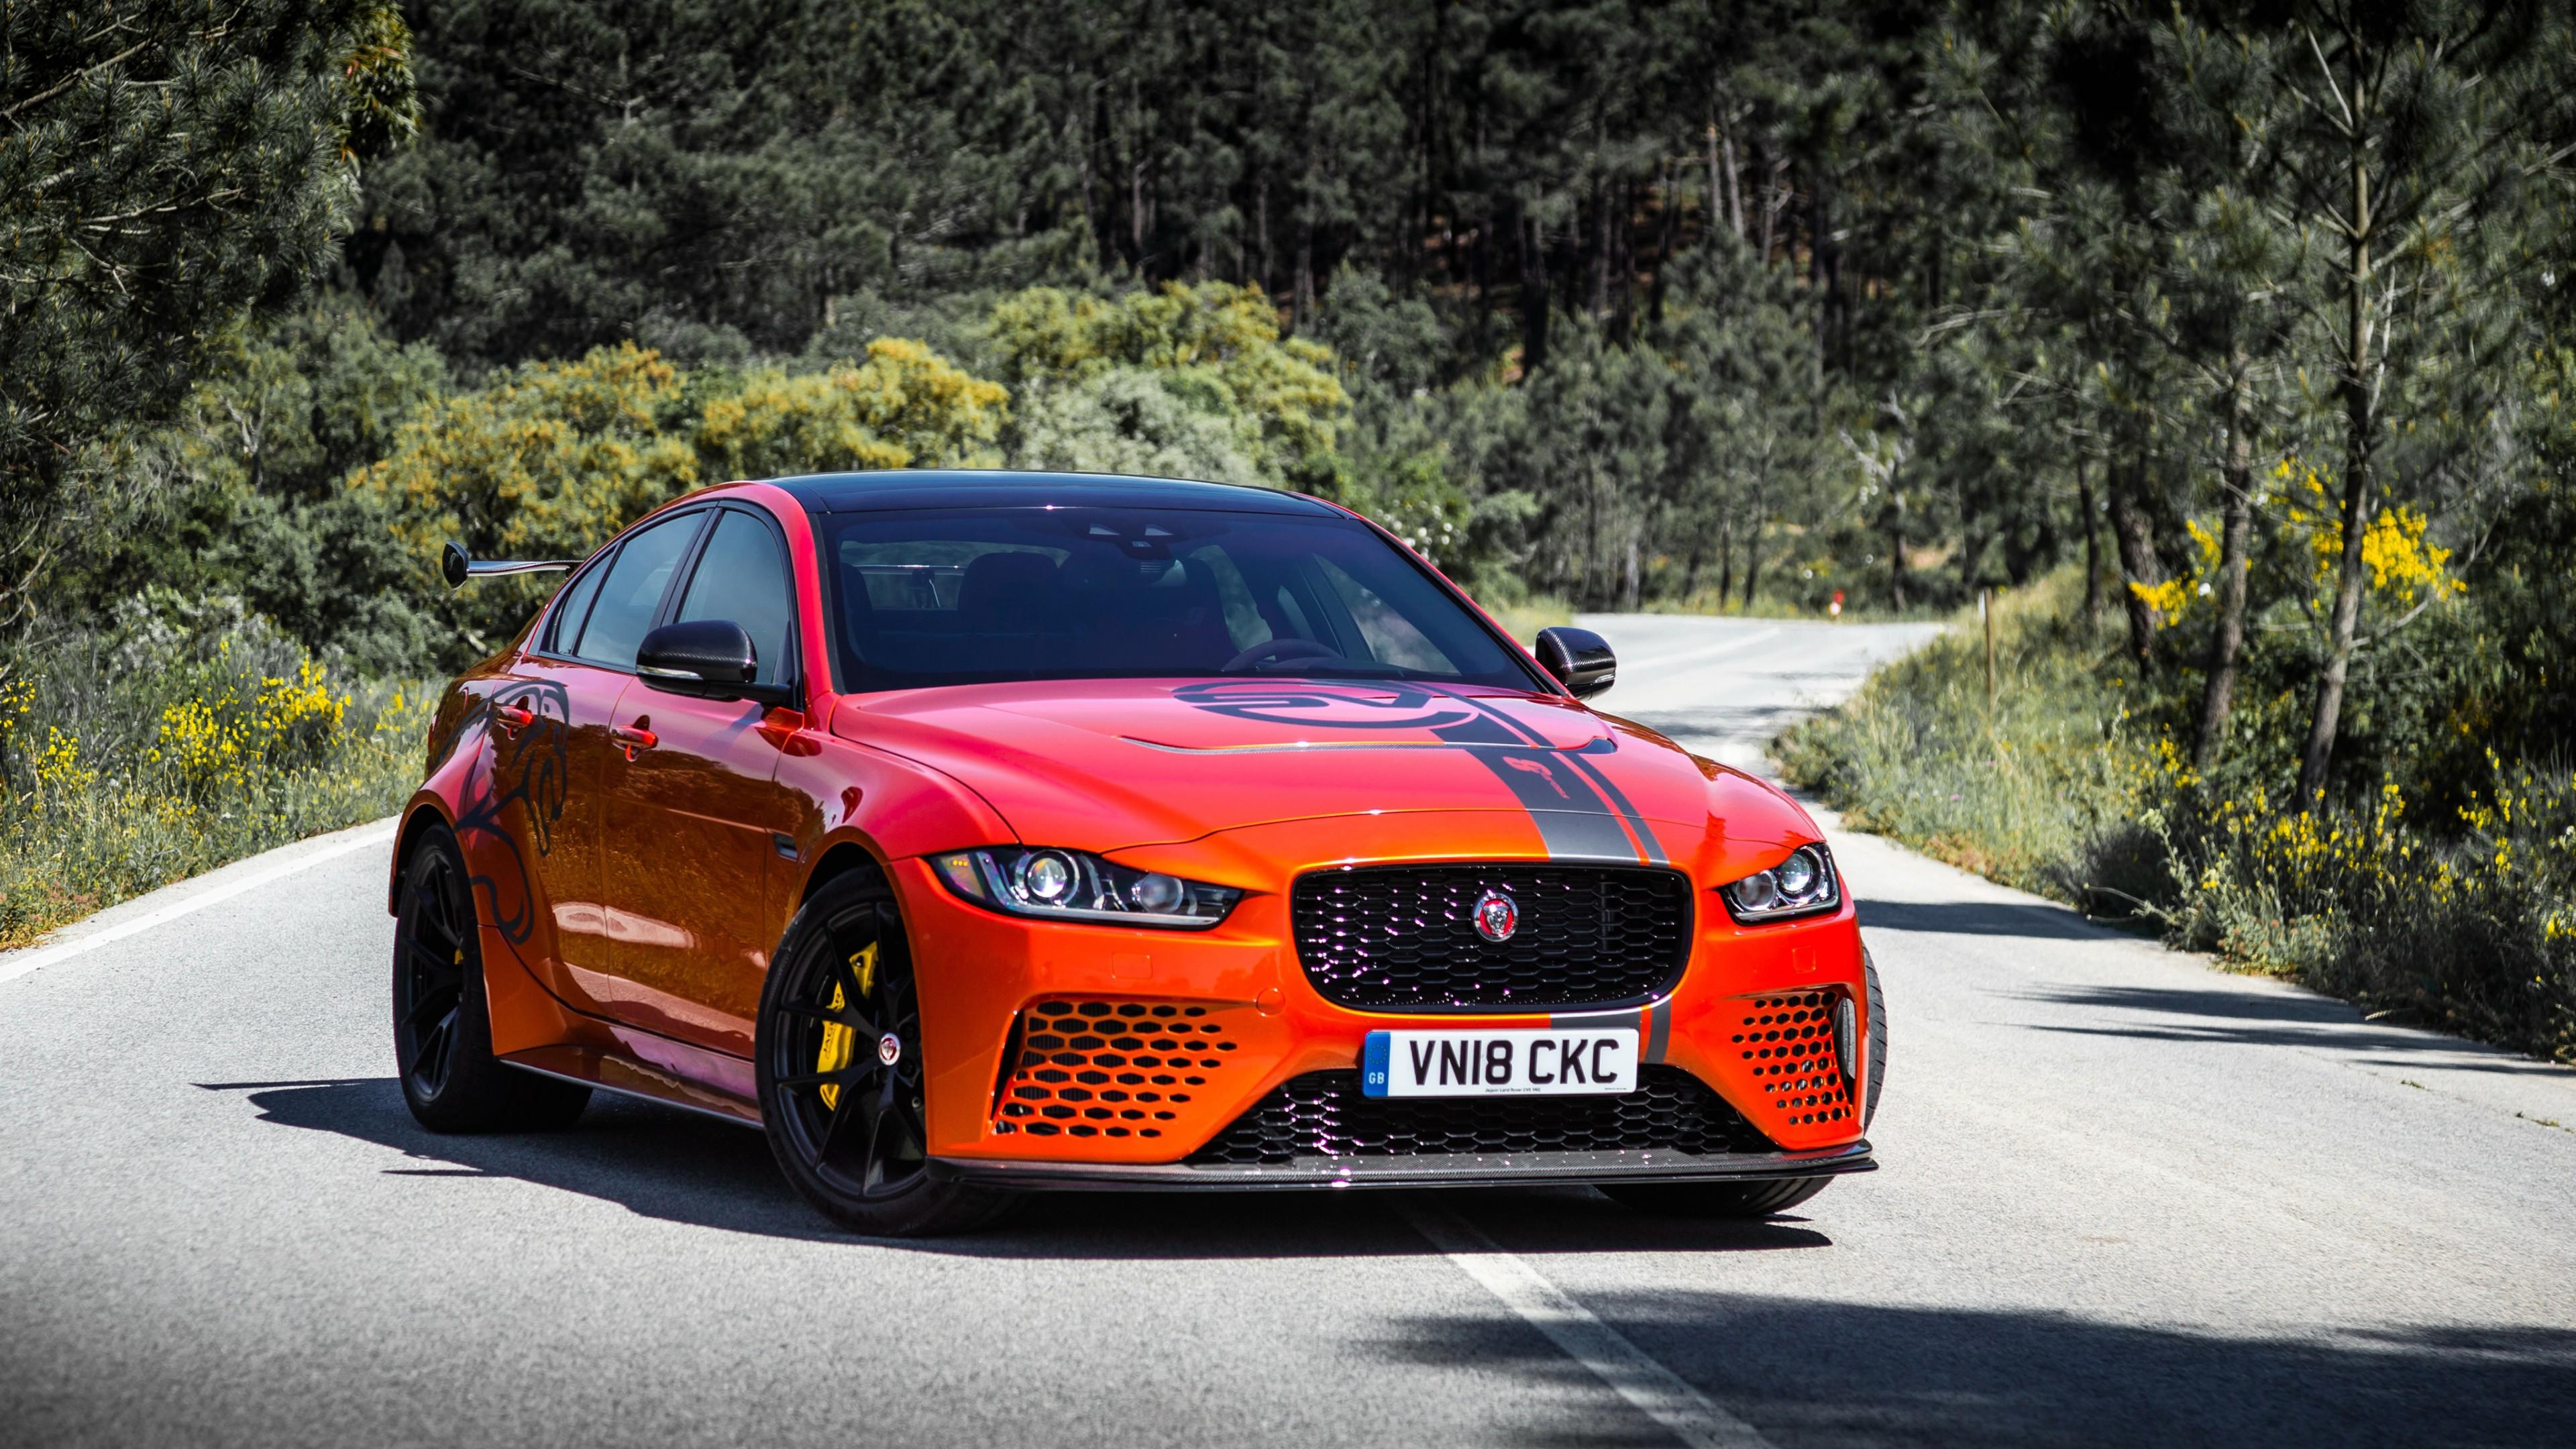 Jaguar Xe Sv Project 8 2018 4k 3 Wallpaper Hd Car Wallpapers Id 10506